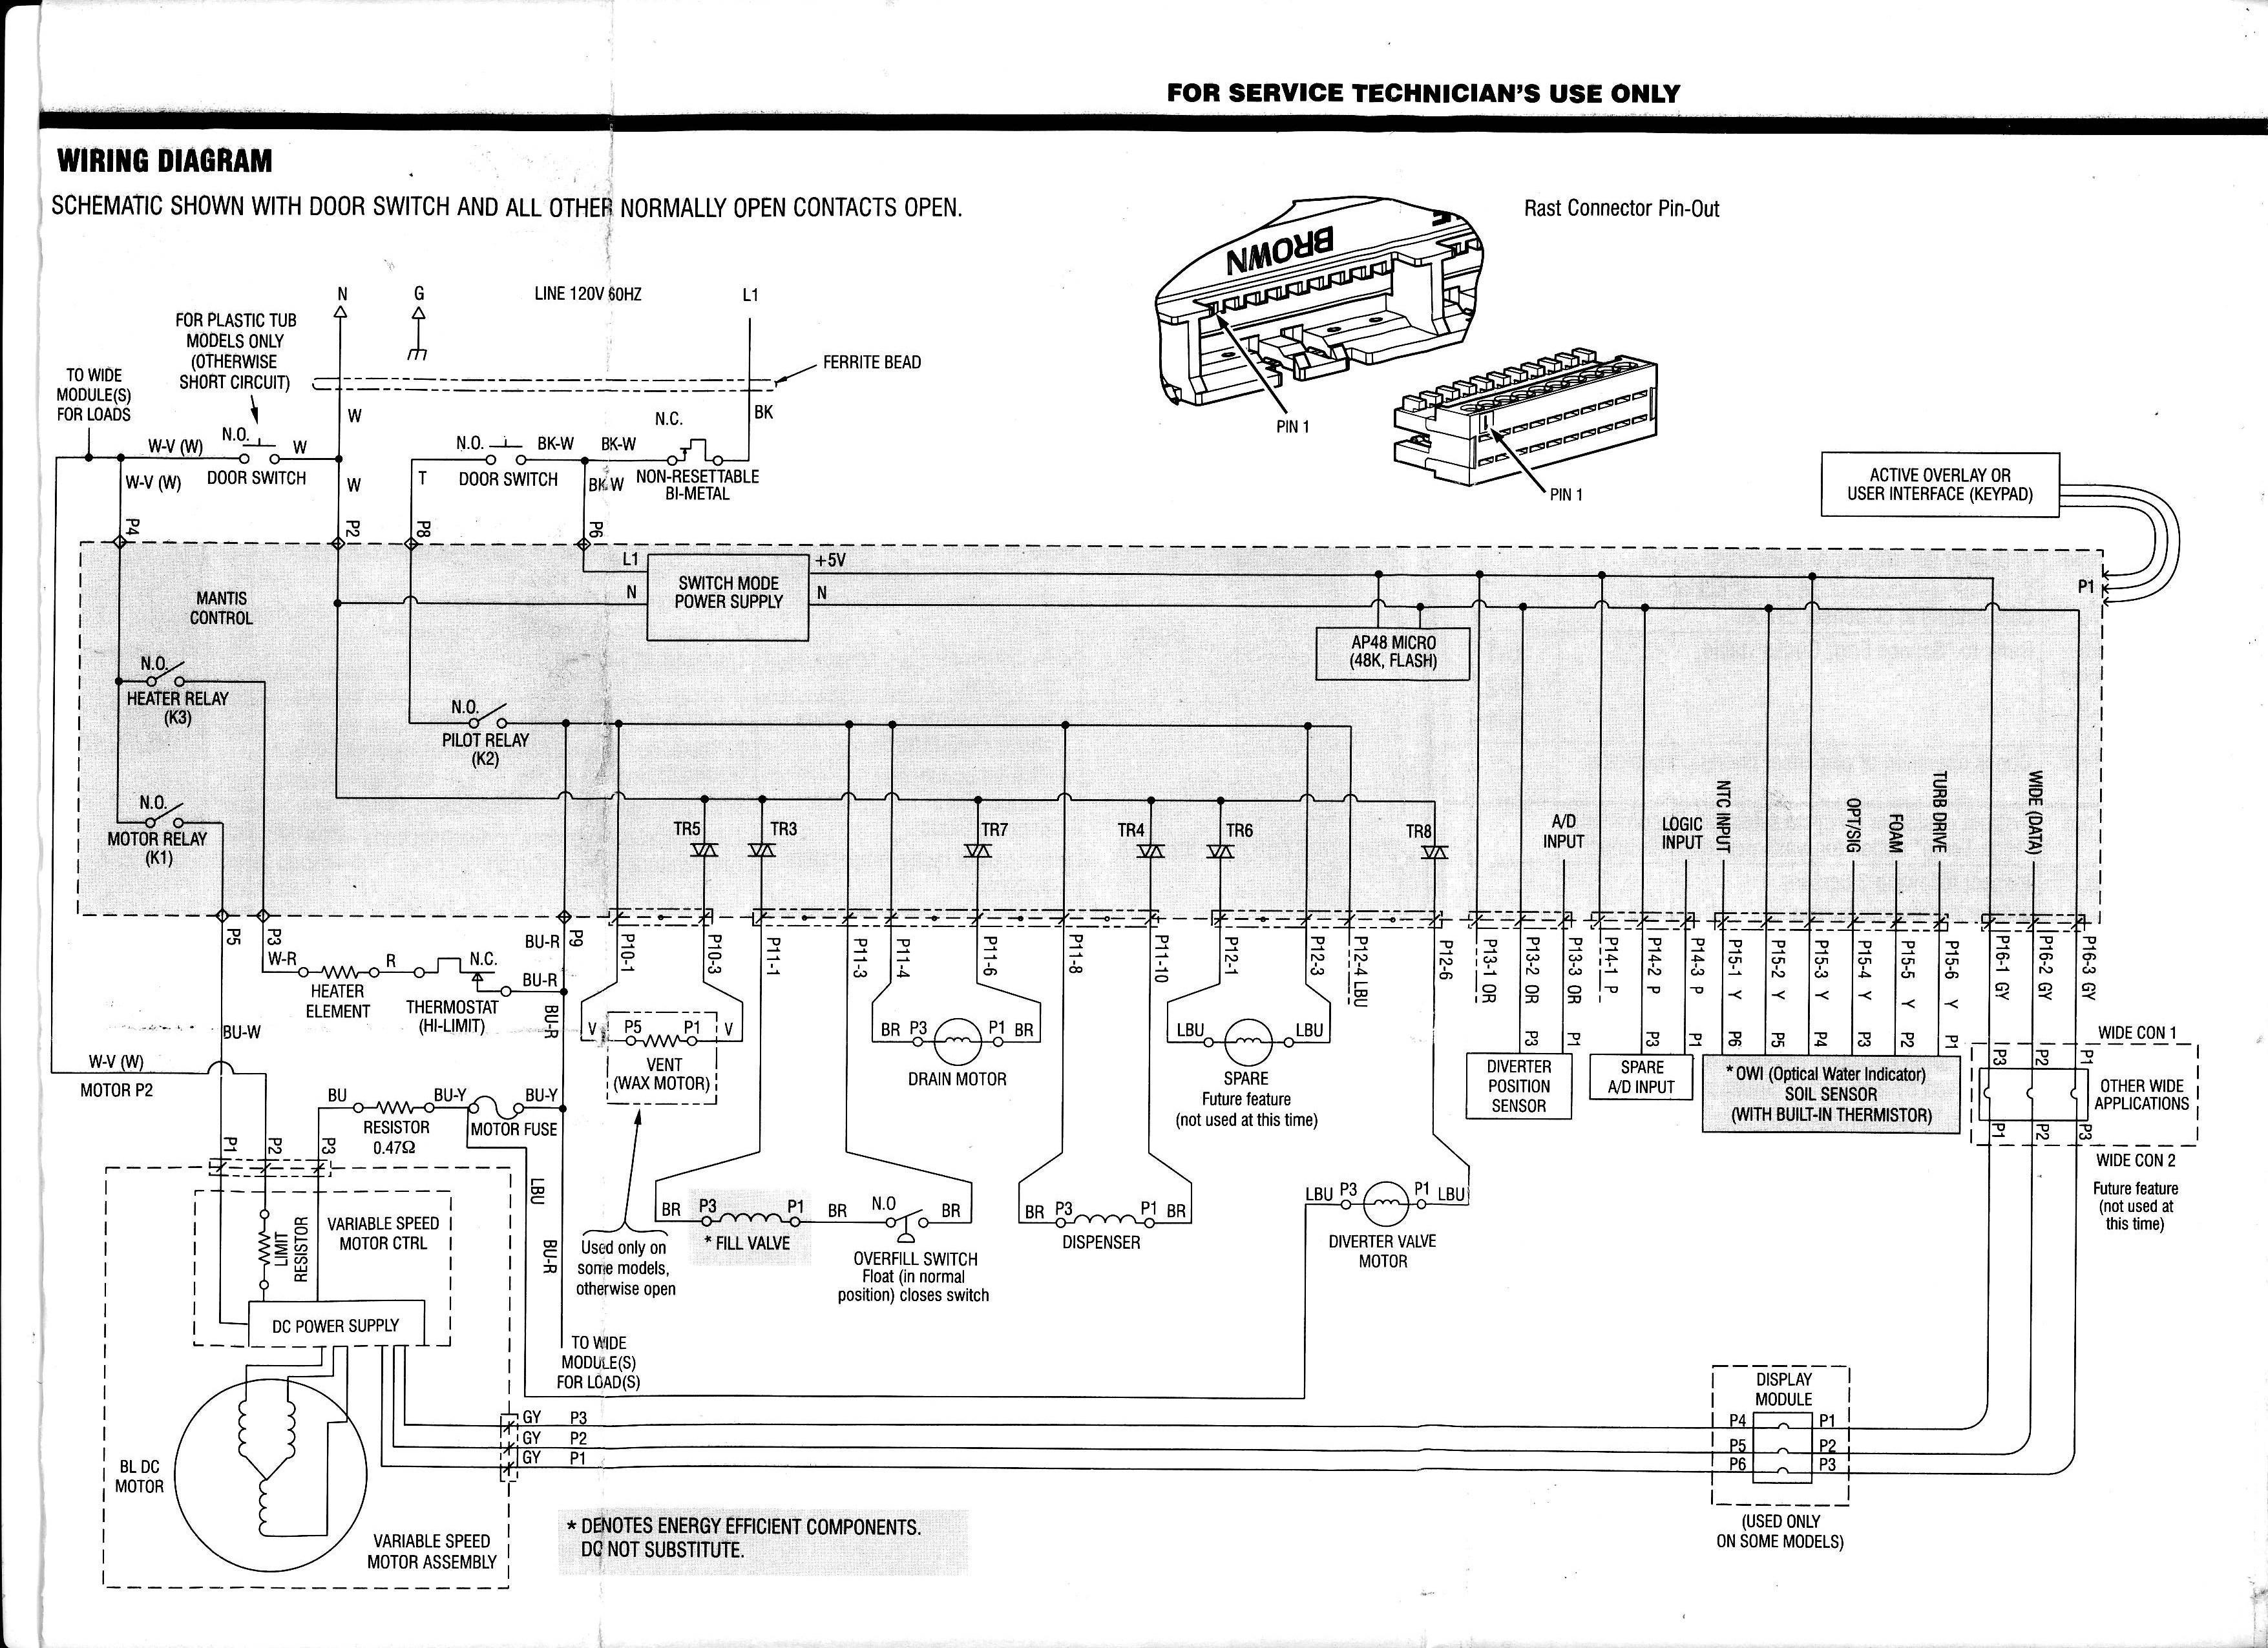 Bosch Refrigerator Wiring Schematic - Fender Jaguar Wiring Mods -  wire-diag.losdol2.jeanjaures37.frWiring Diagram Resource